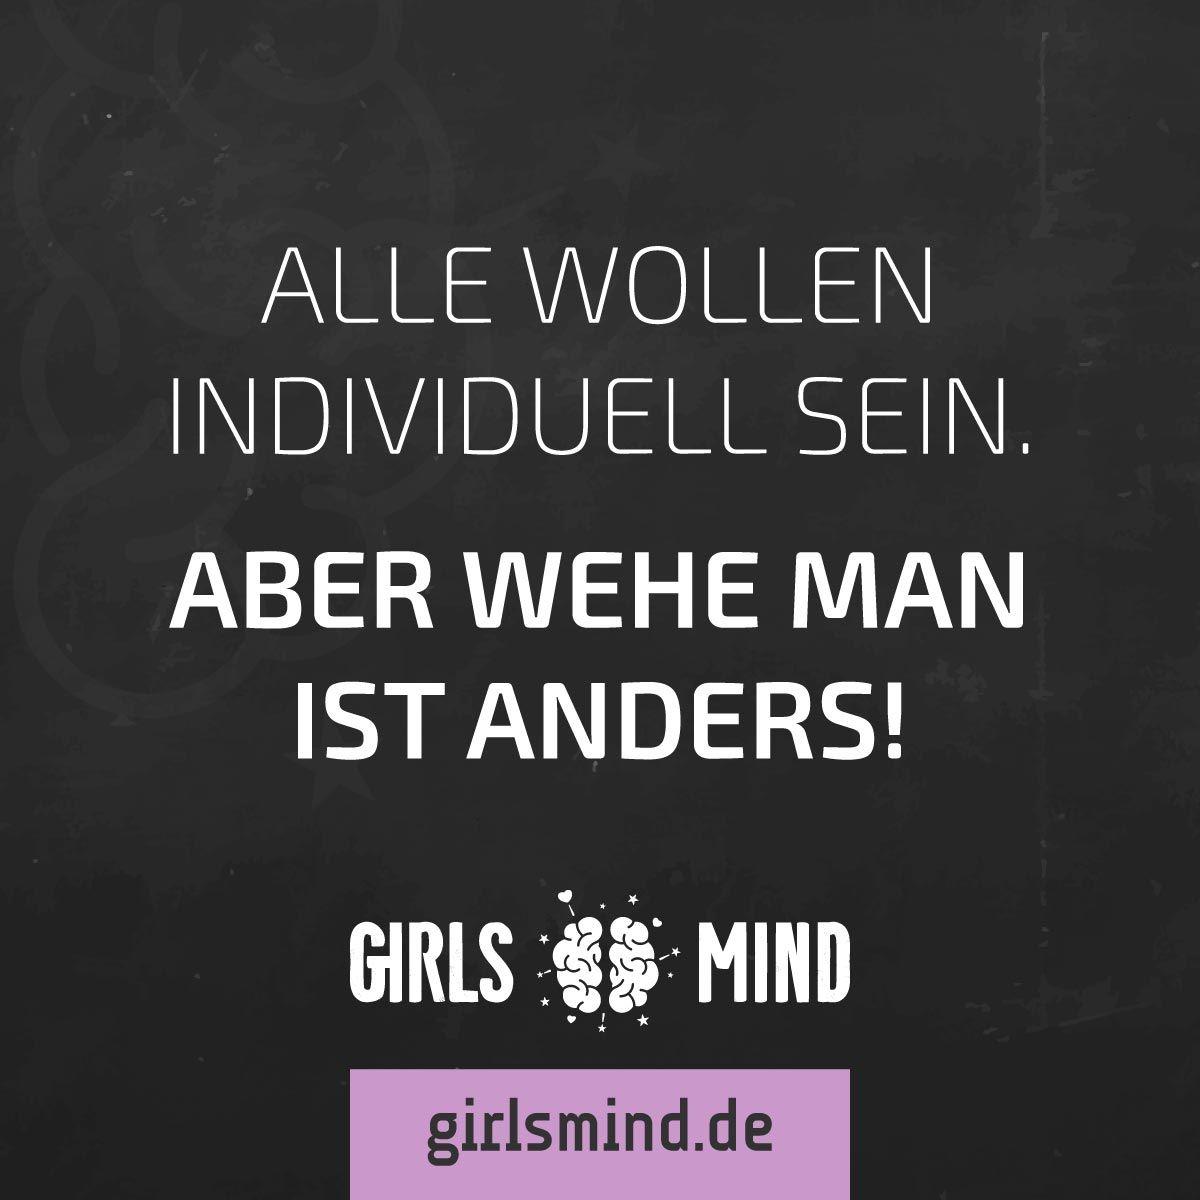 mehr sprüche auf: www.girlsmind.de #individualität #